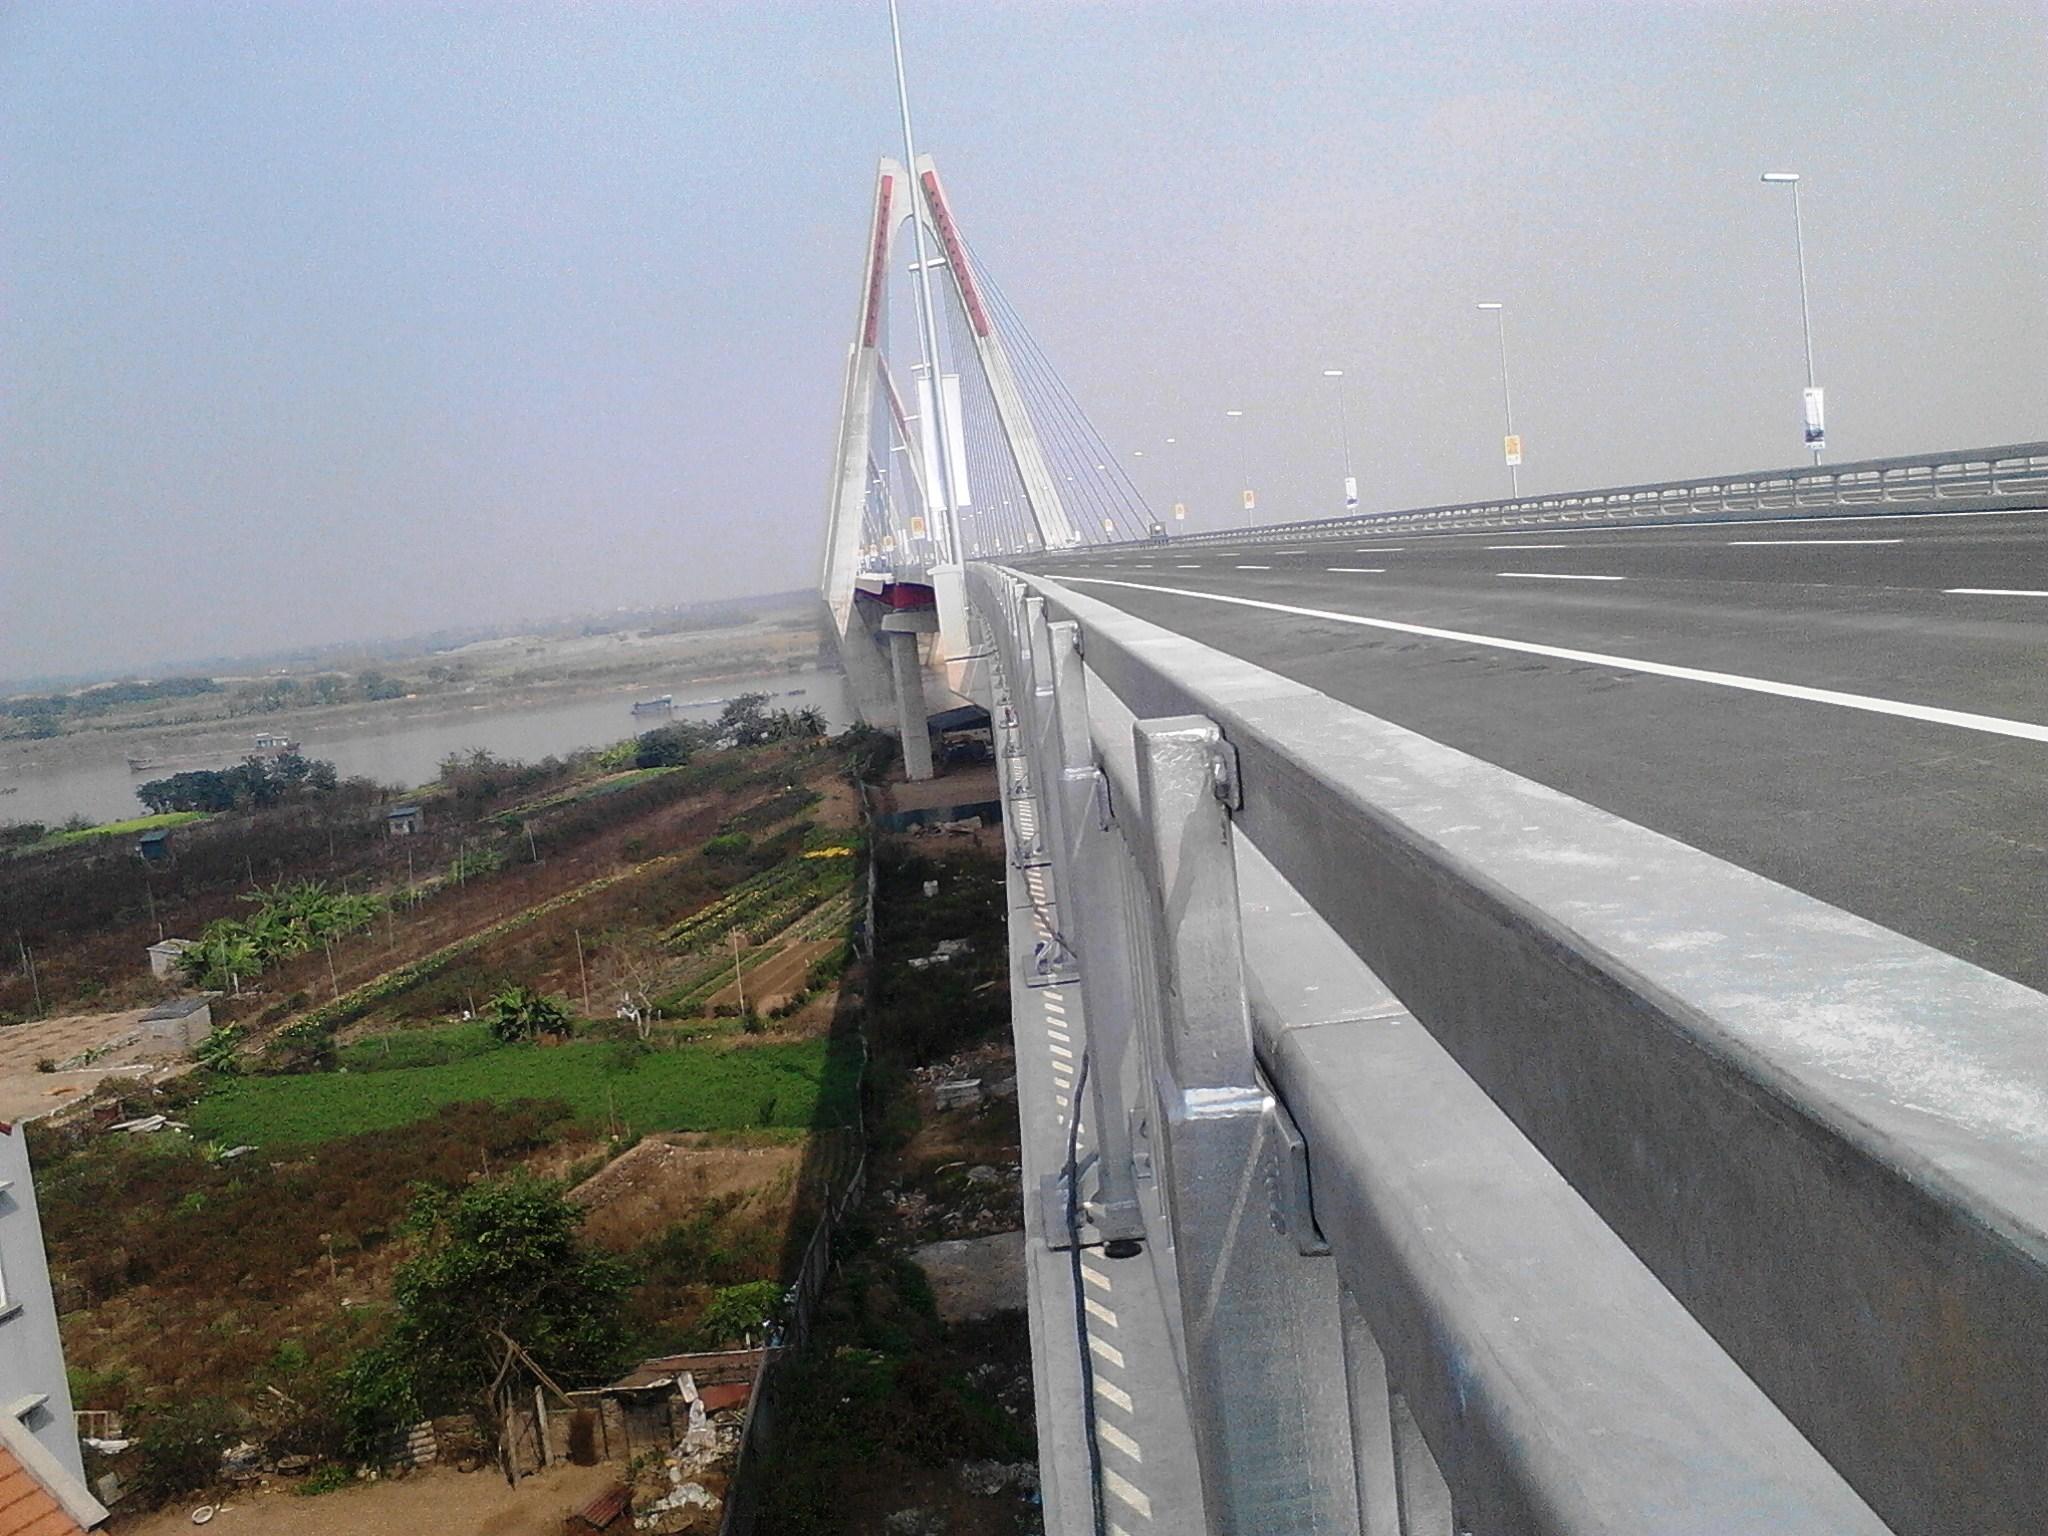 Chùm ảnh cầu dây văng gần 14 tỷ vượt sông Hồng 12